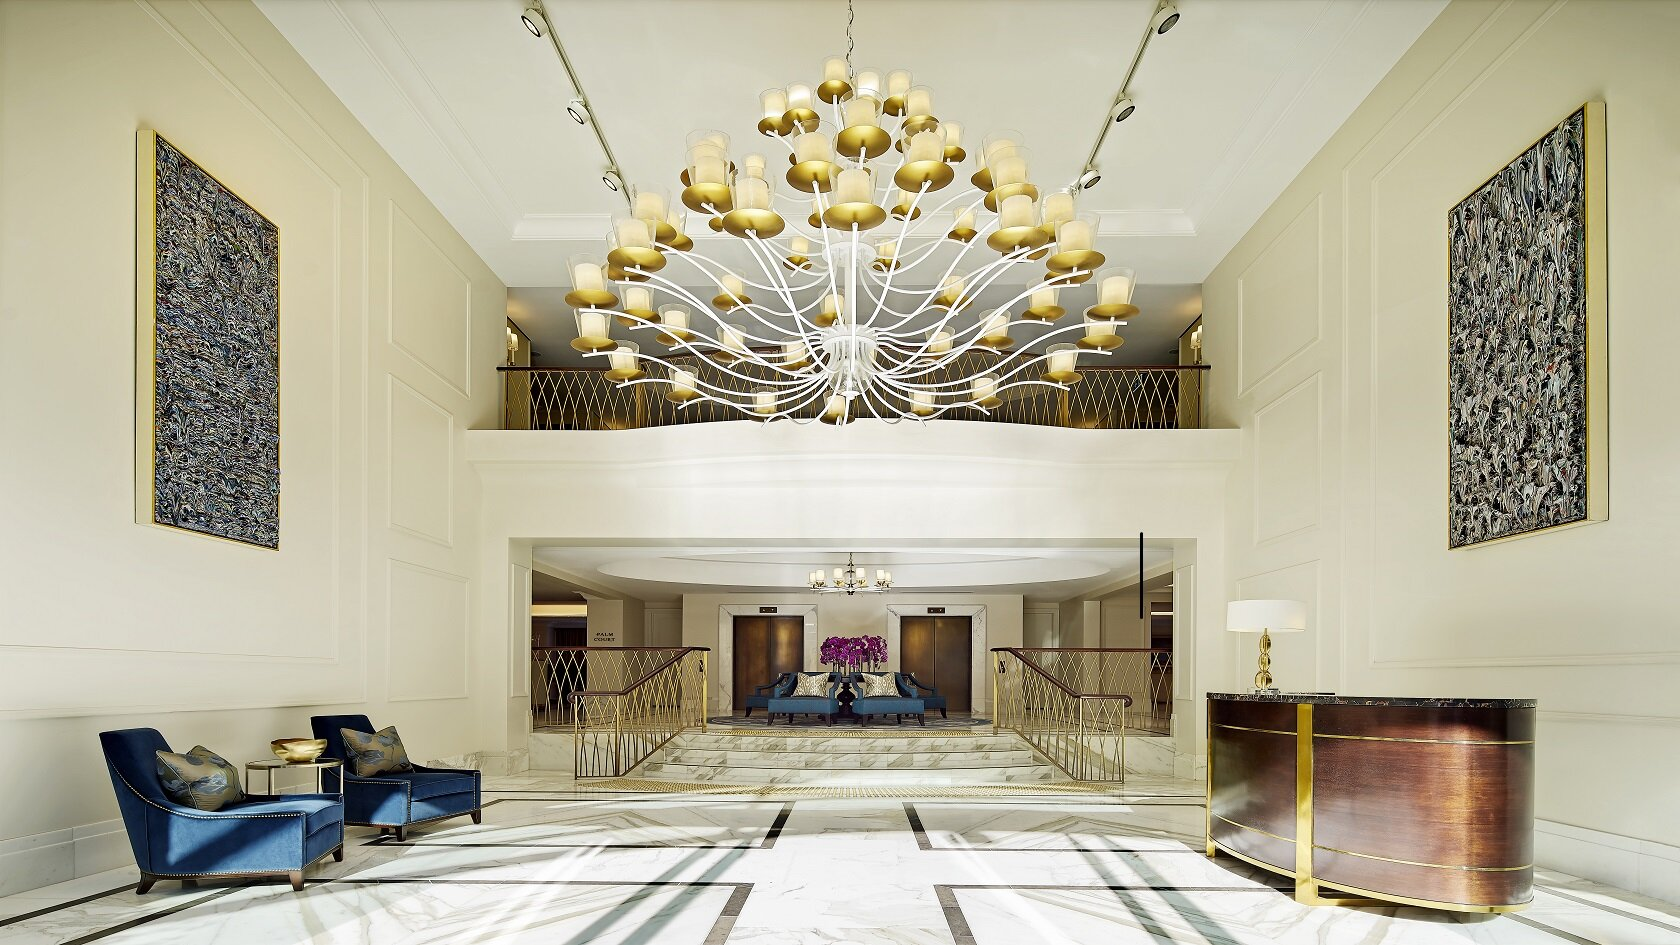 tlsyd-hotel-grand-foyer--1680-945.jpg